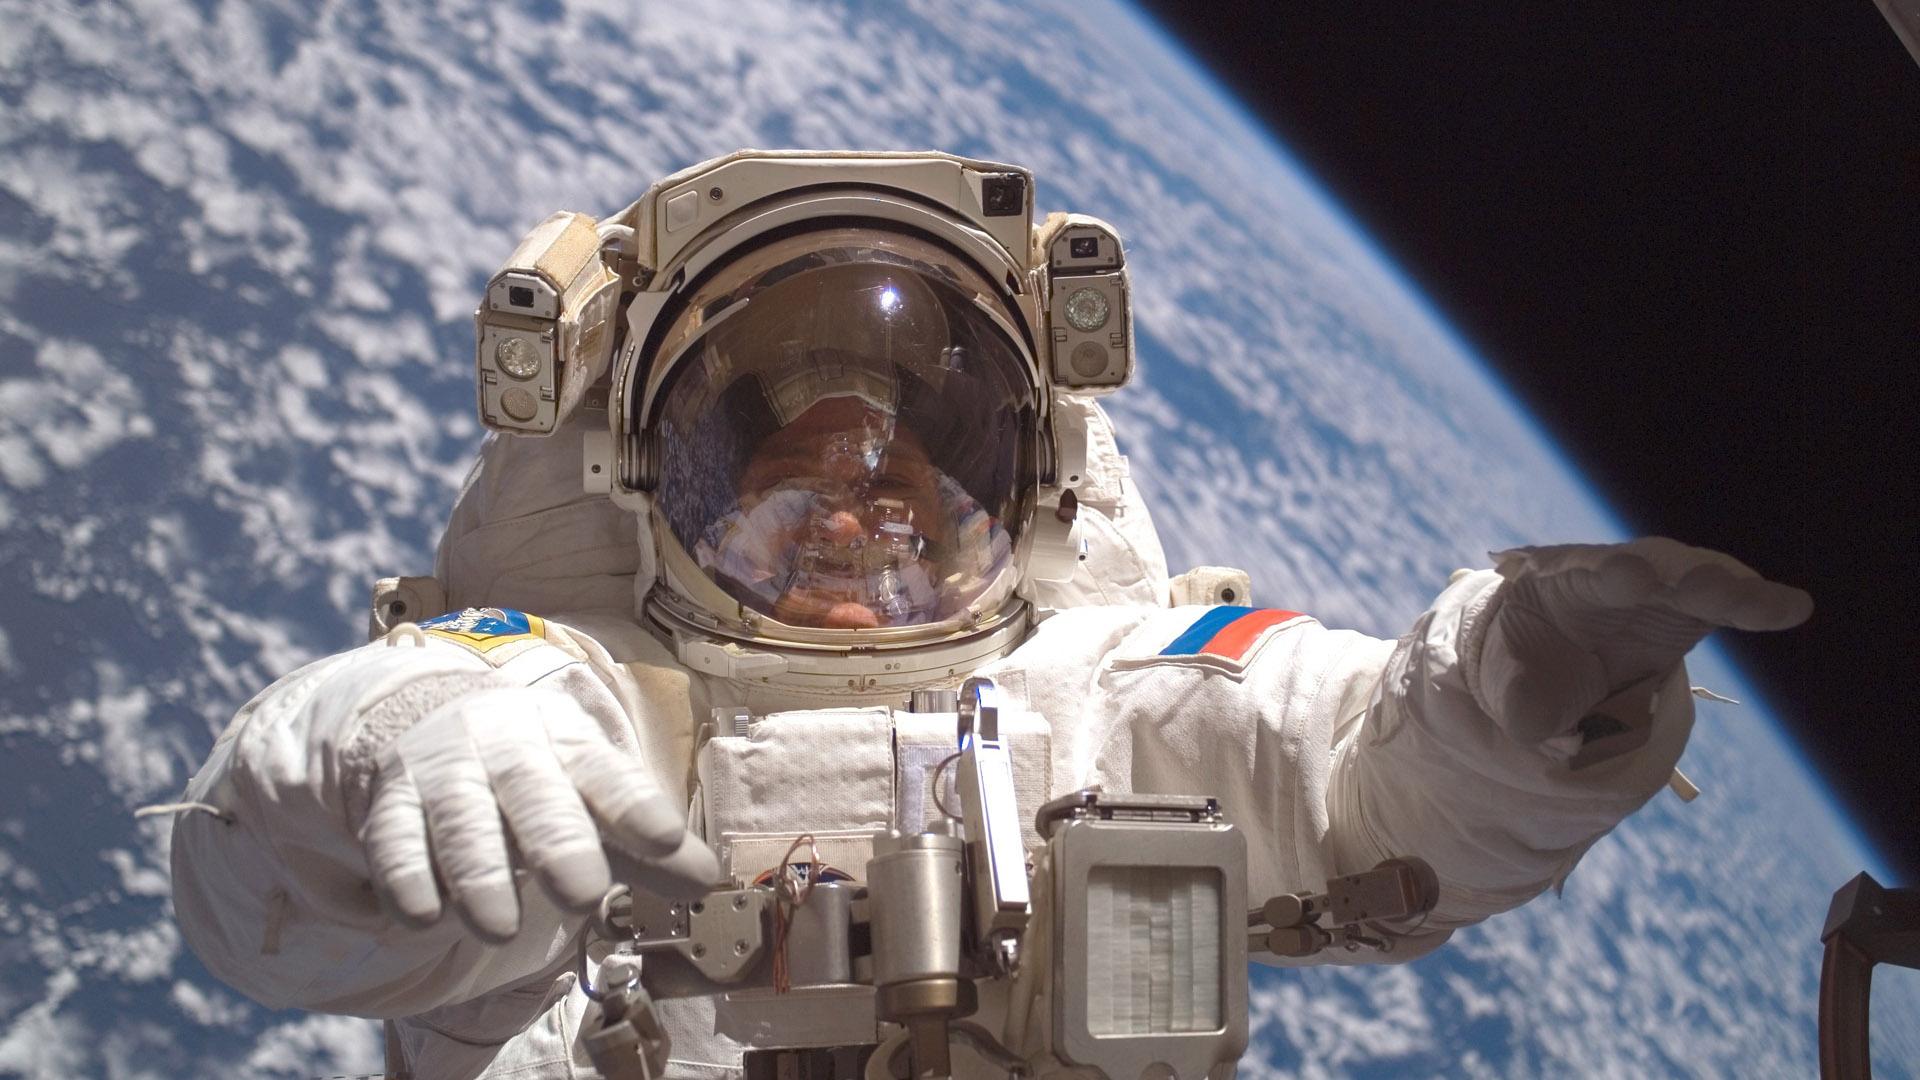 Kosmosa uçmaq istəyənlərin sayı rekord həddə çatıb